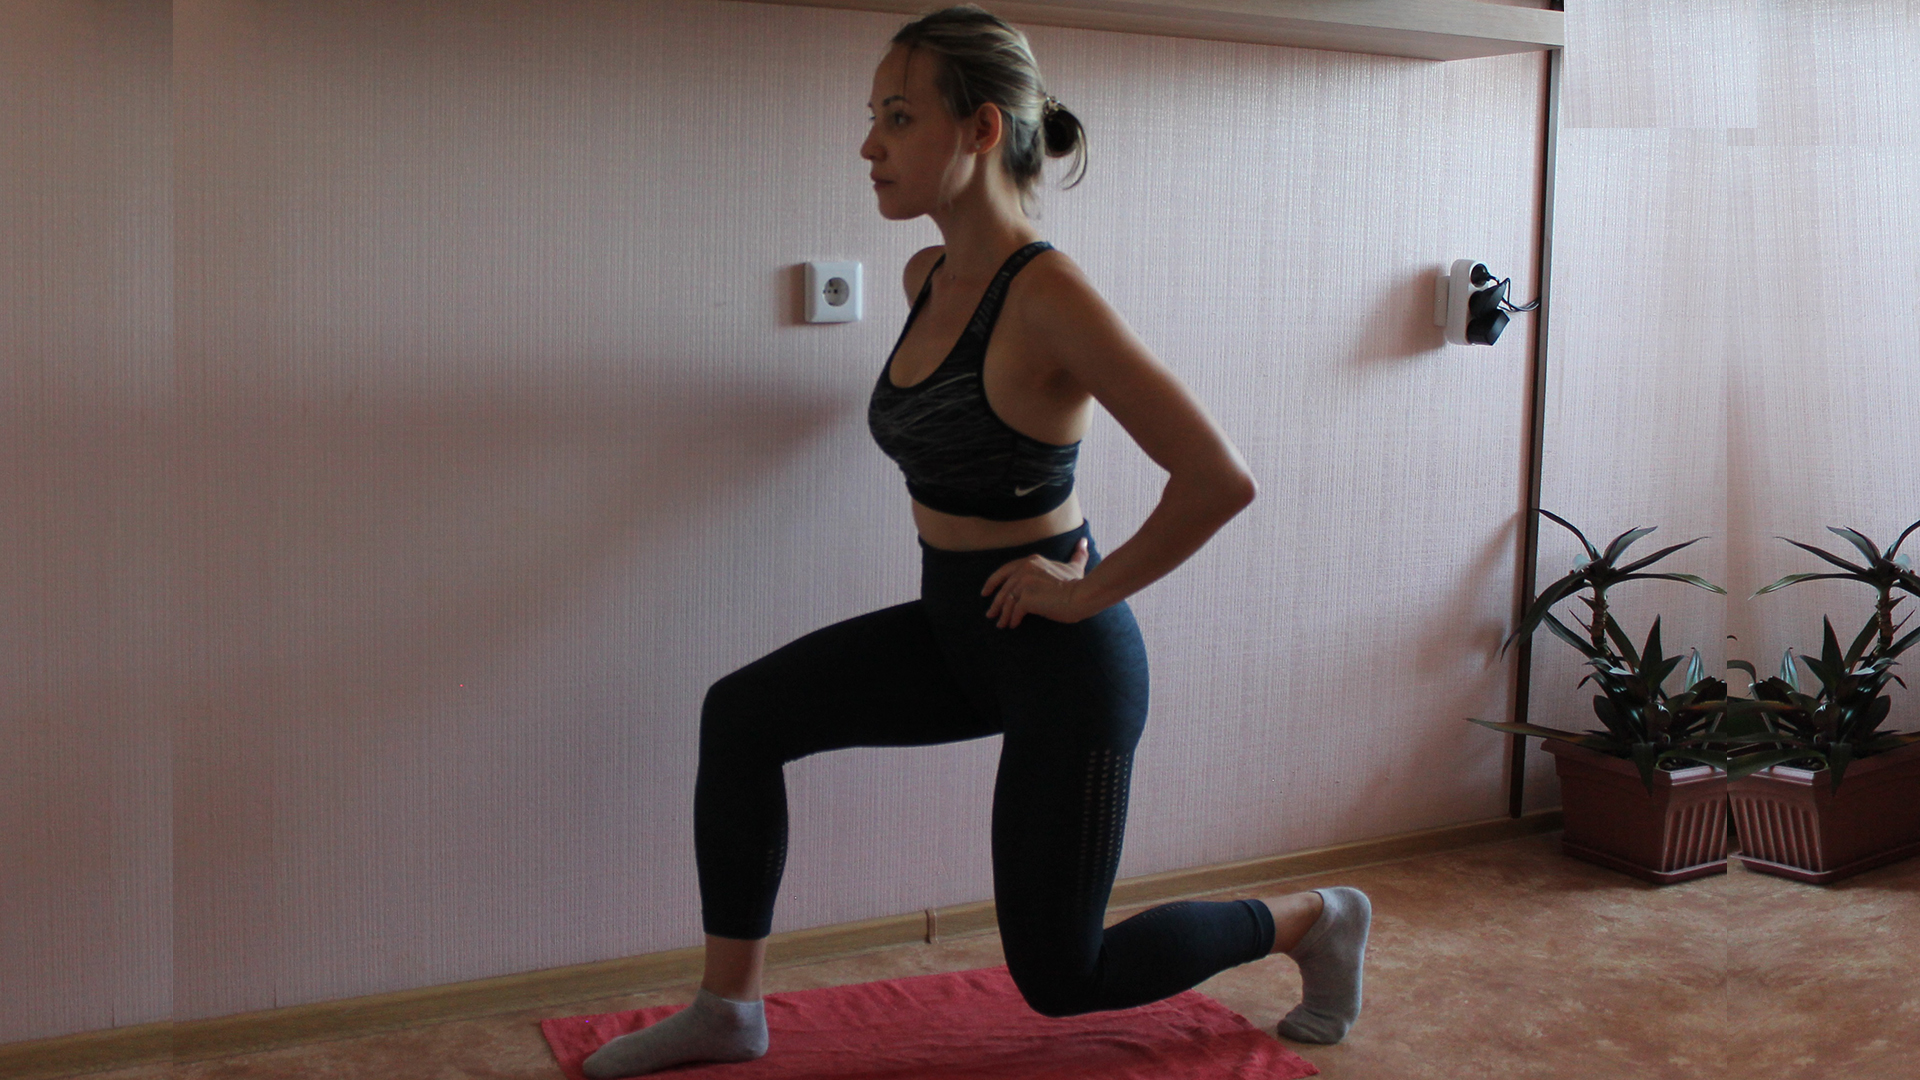 Четвертое упражнение для растяжки ягодичных мышц.